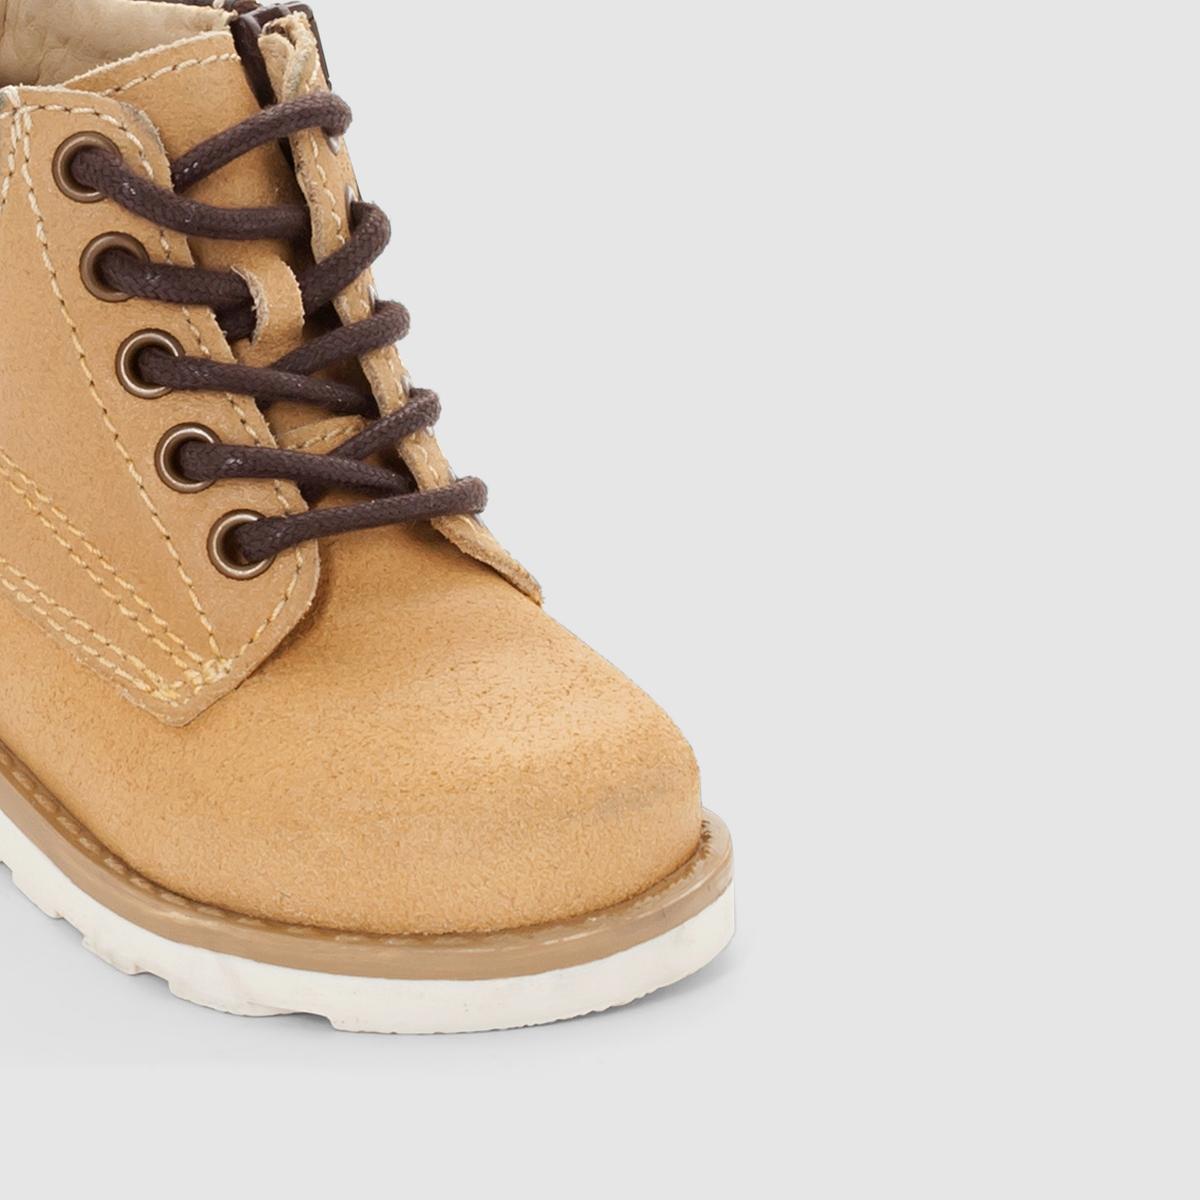 Ботинки кожаные на шнуровке и молнииВерх: спилок (яловичная кожа).Подкладка: кожа.Стелька: кожа.Подошва: из эластомера. Застежка: на молнию, хлопковые шнурки. Преимущества: удобные ботинки из спилка с голенищем средней высоты, которые легко надеваются благодаря застежке на молнию и подарят ребенку истинный комфорт.<br><br>Цвет: охра<br>Размер: 25.19.21.22